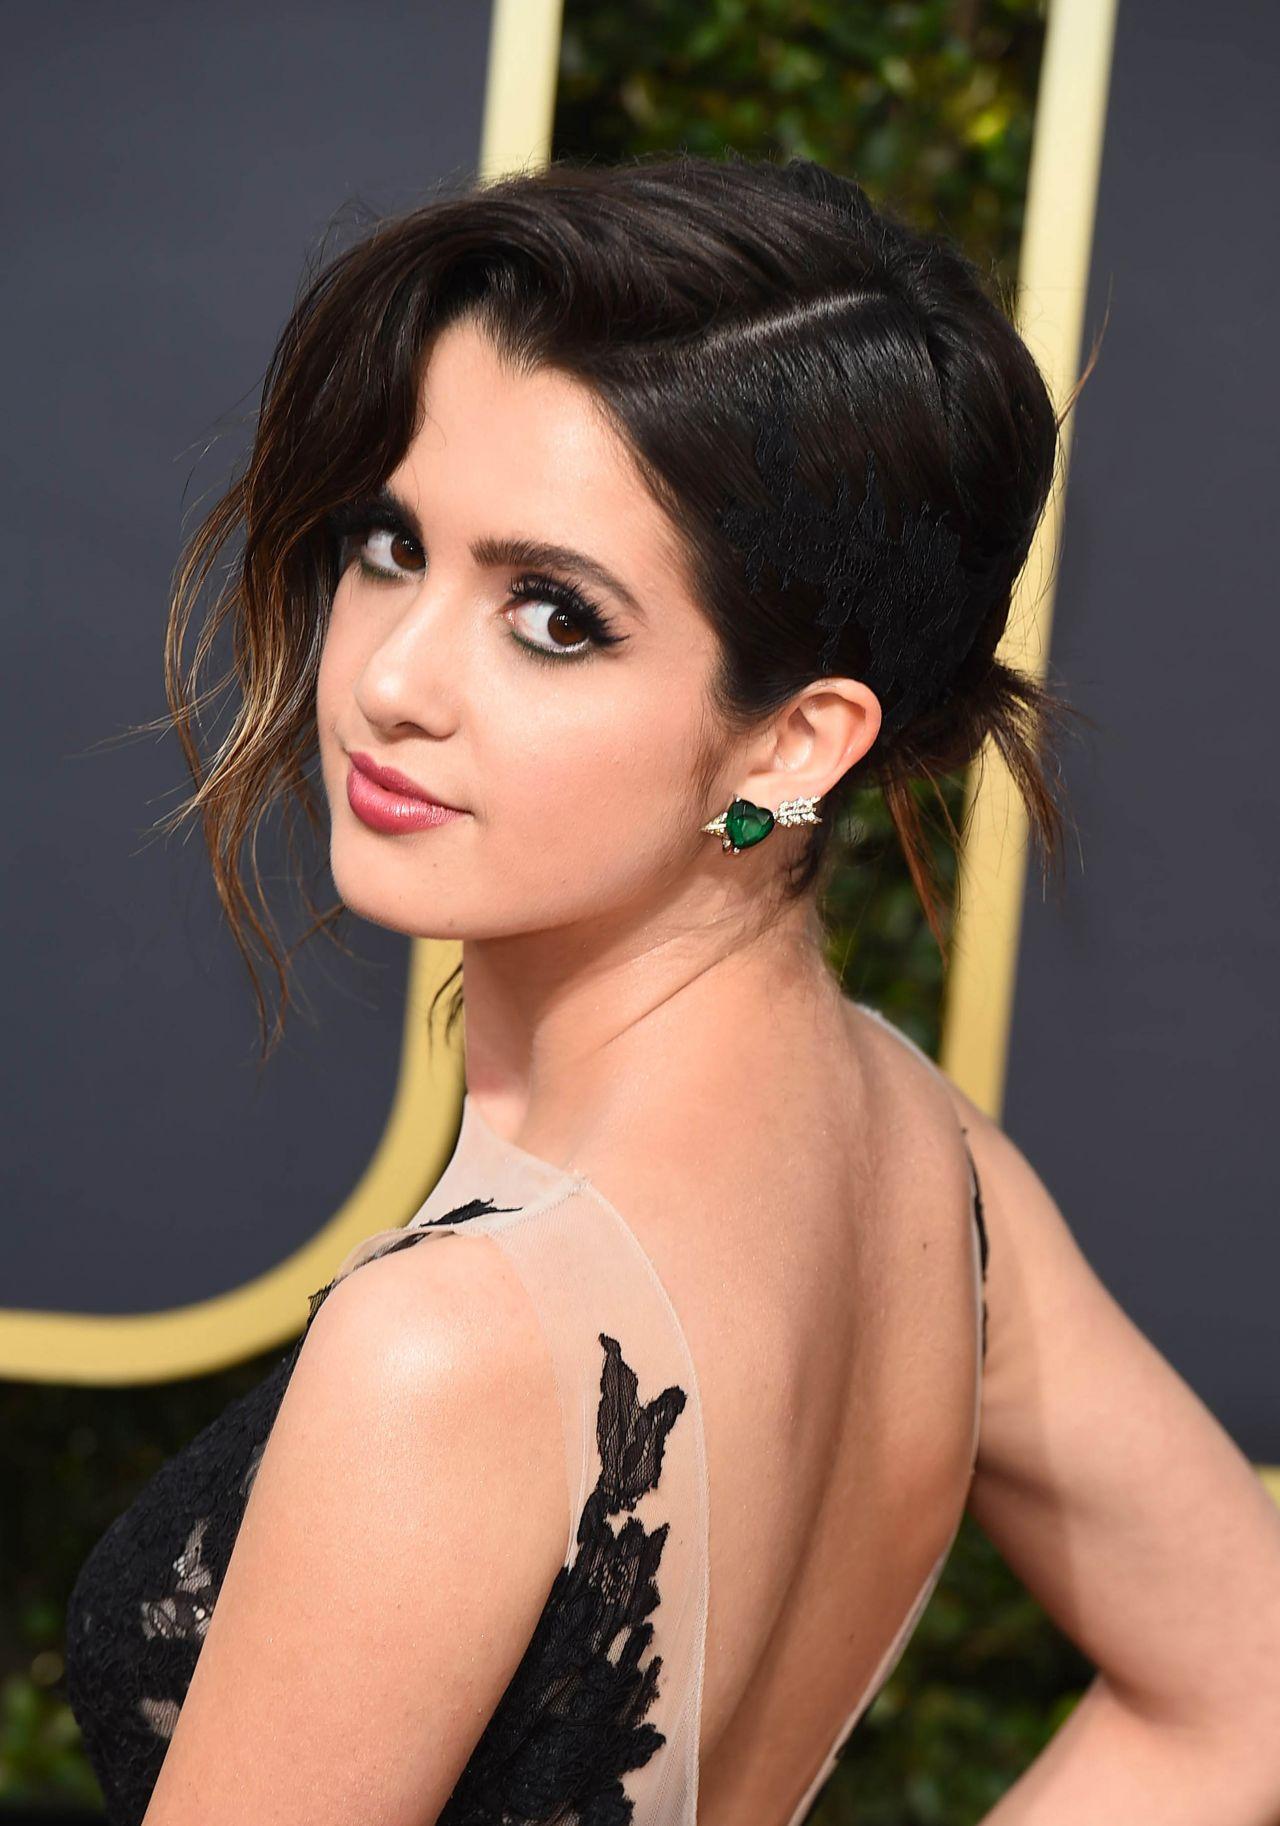 Laura Marano Golden Globe Awards 2018